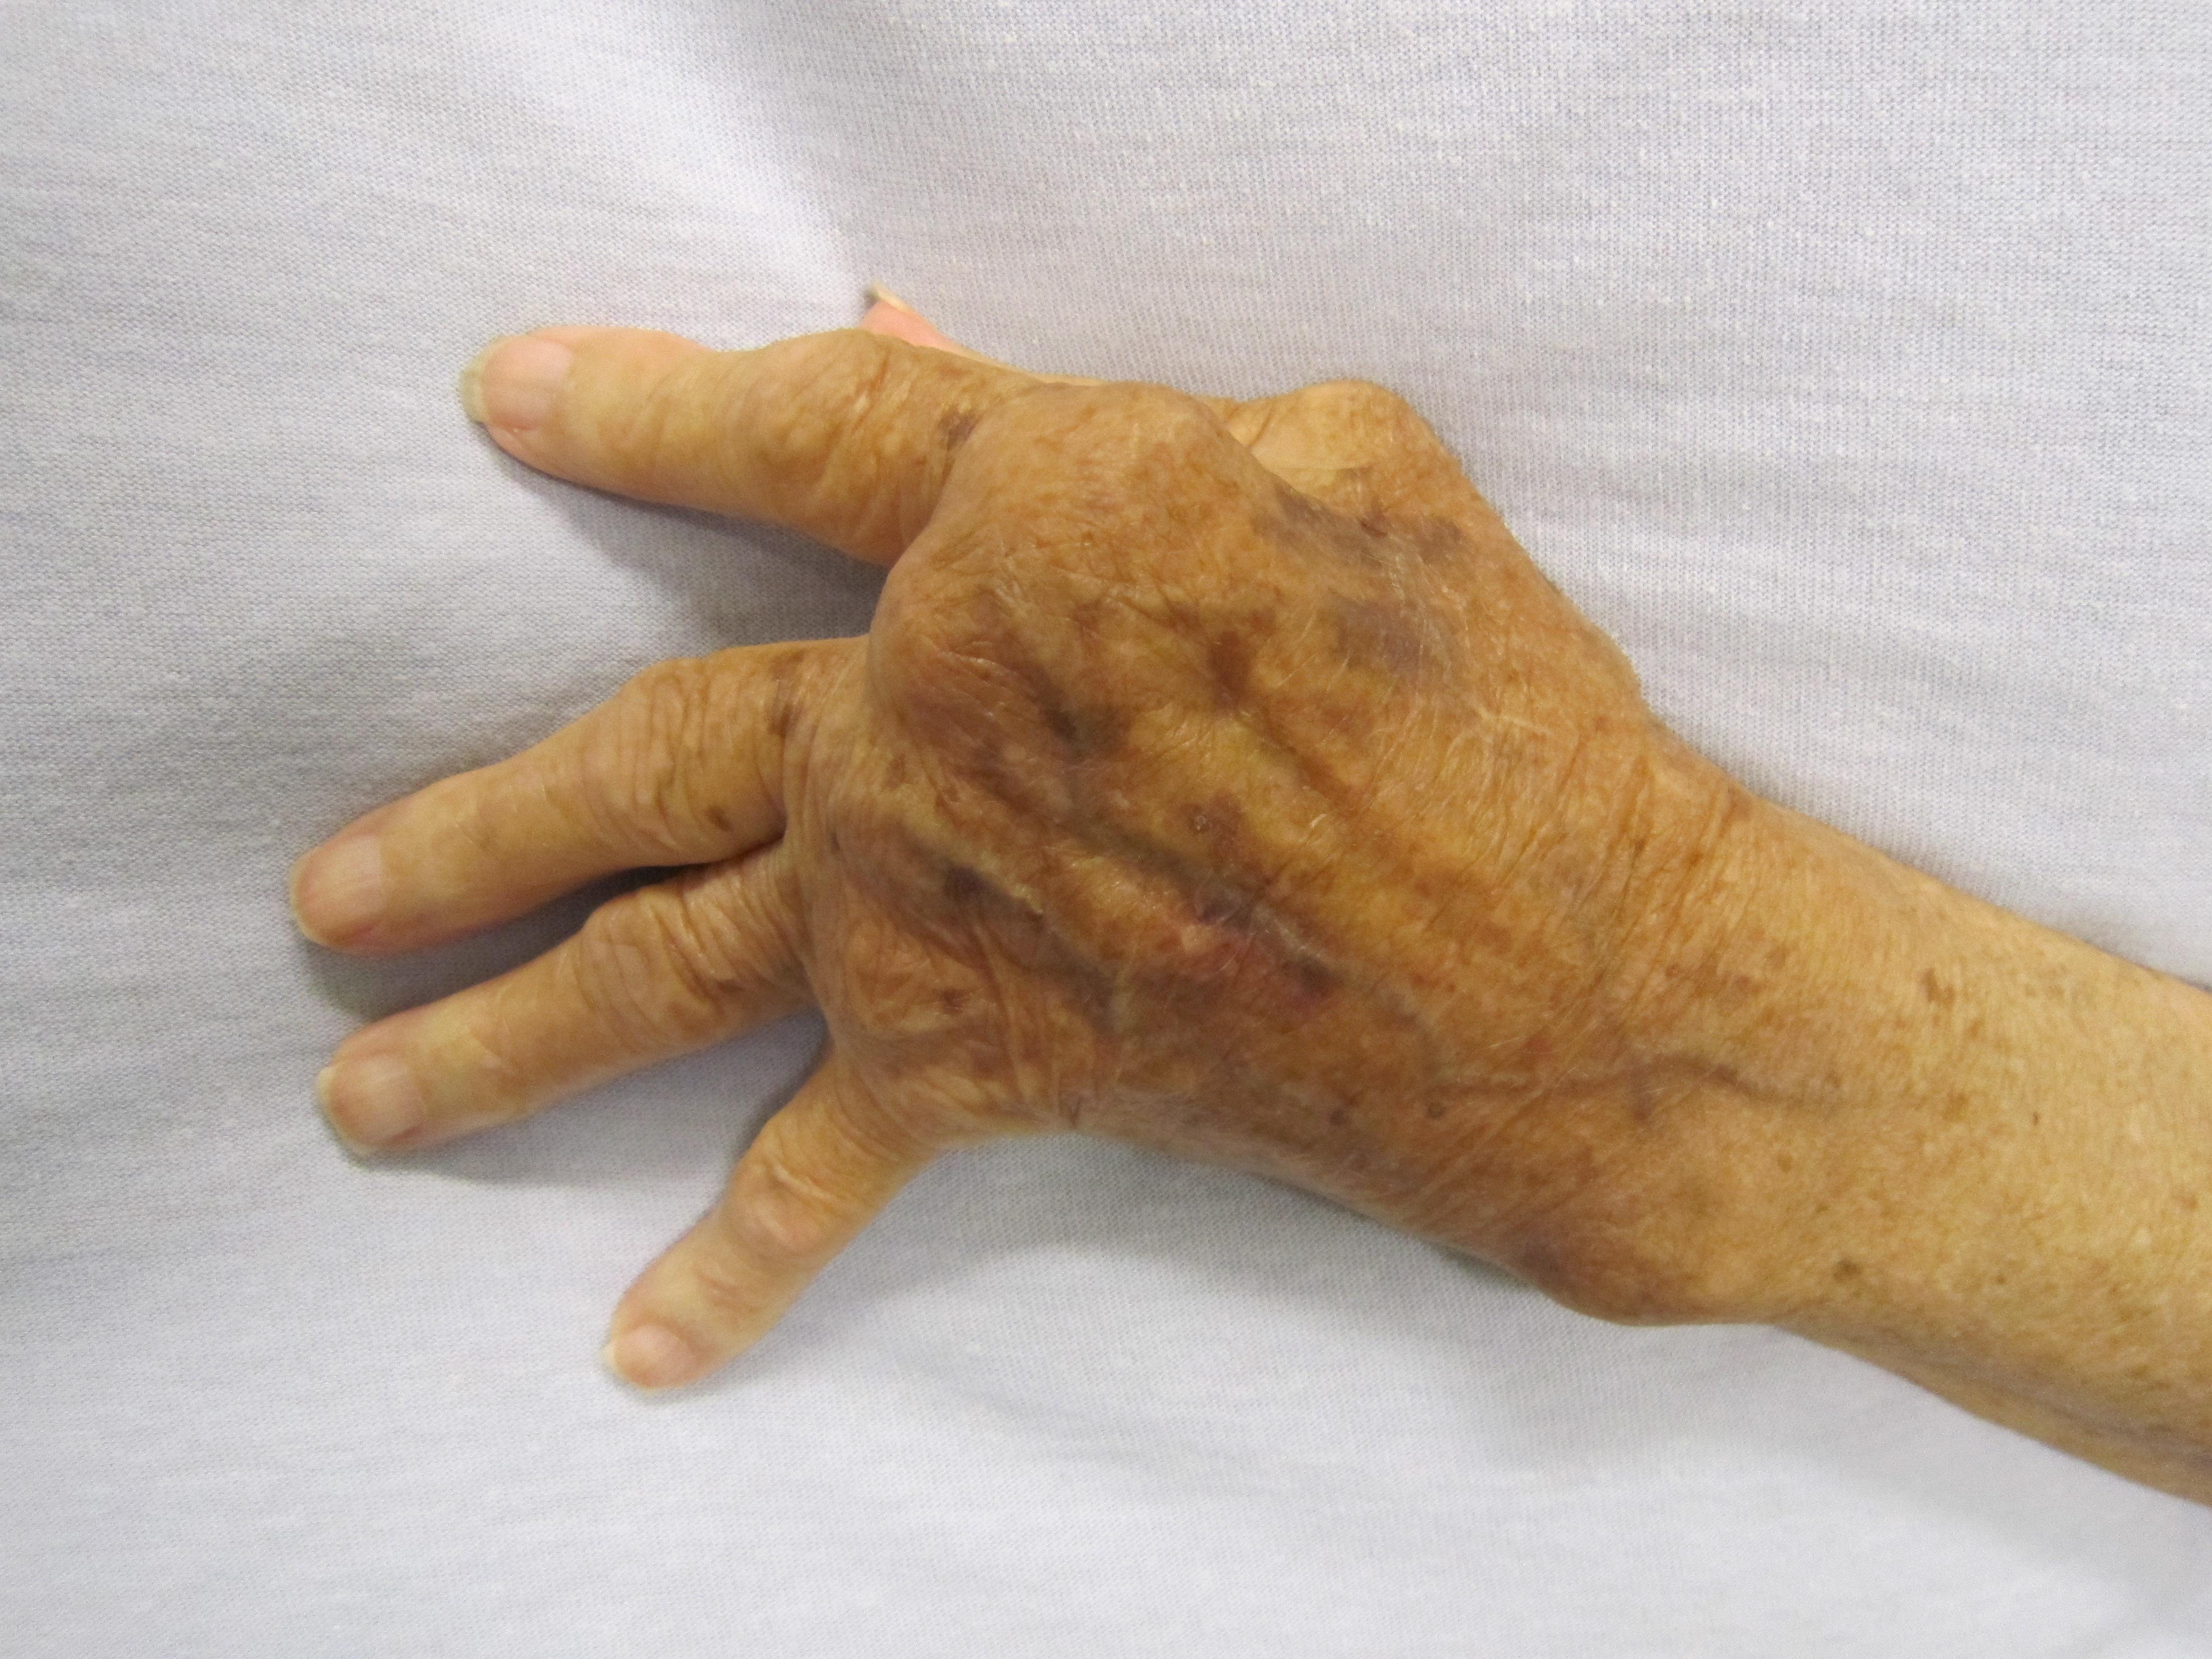 deformáló artrózis diagnosztizálása és kezelése)